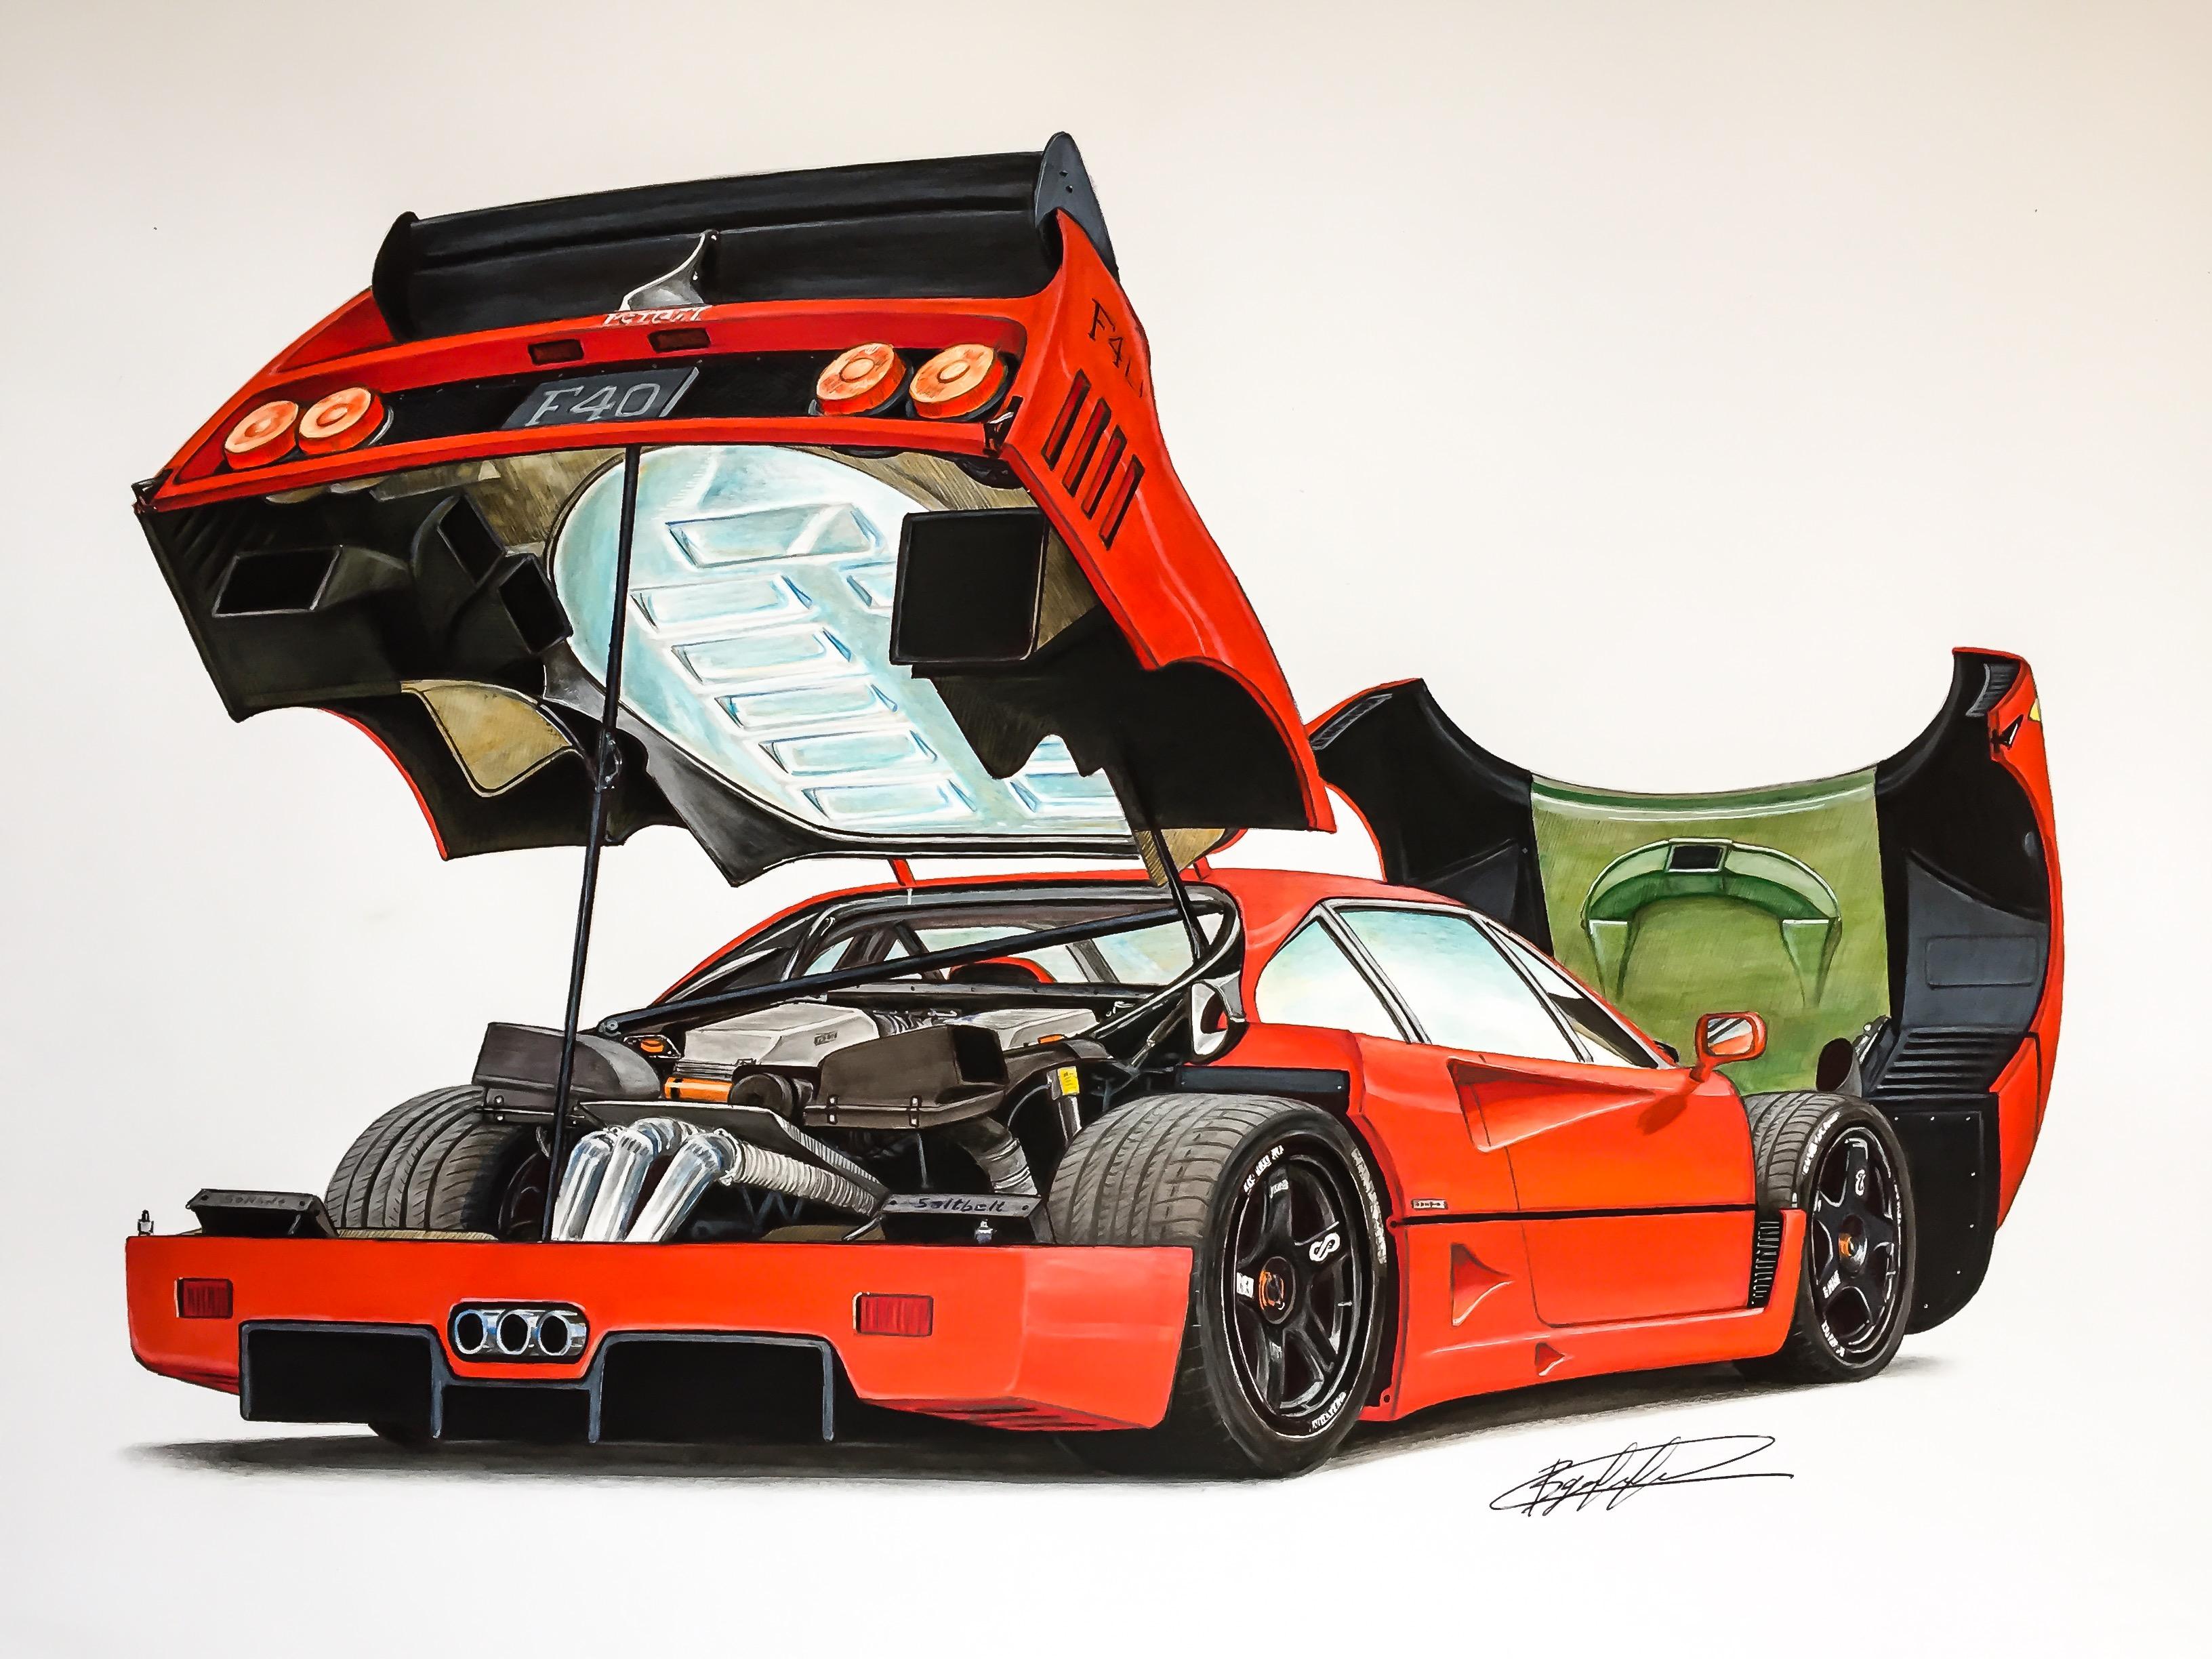 Drawn ferarri stanced car By LM Cars wing F40